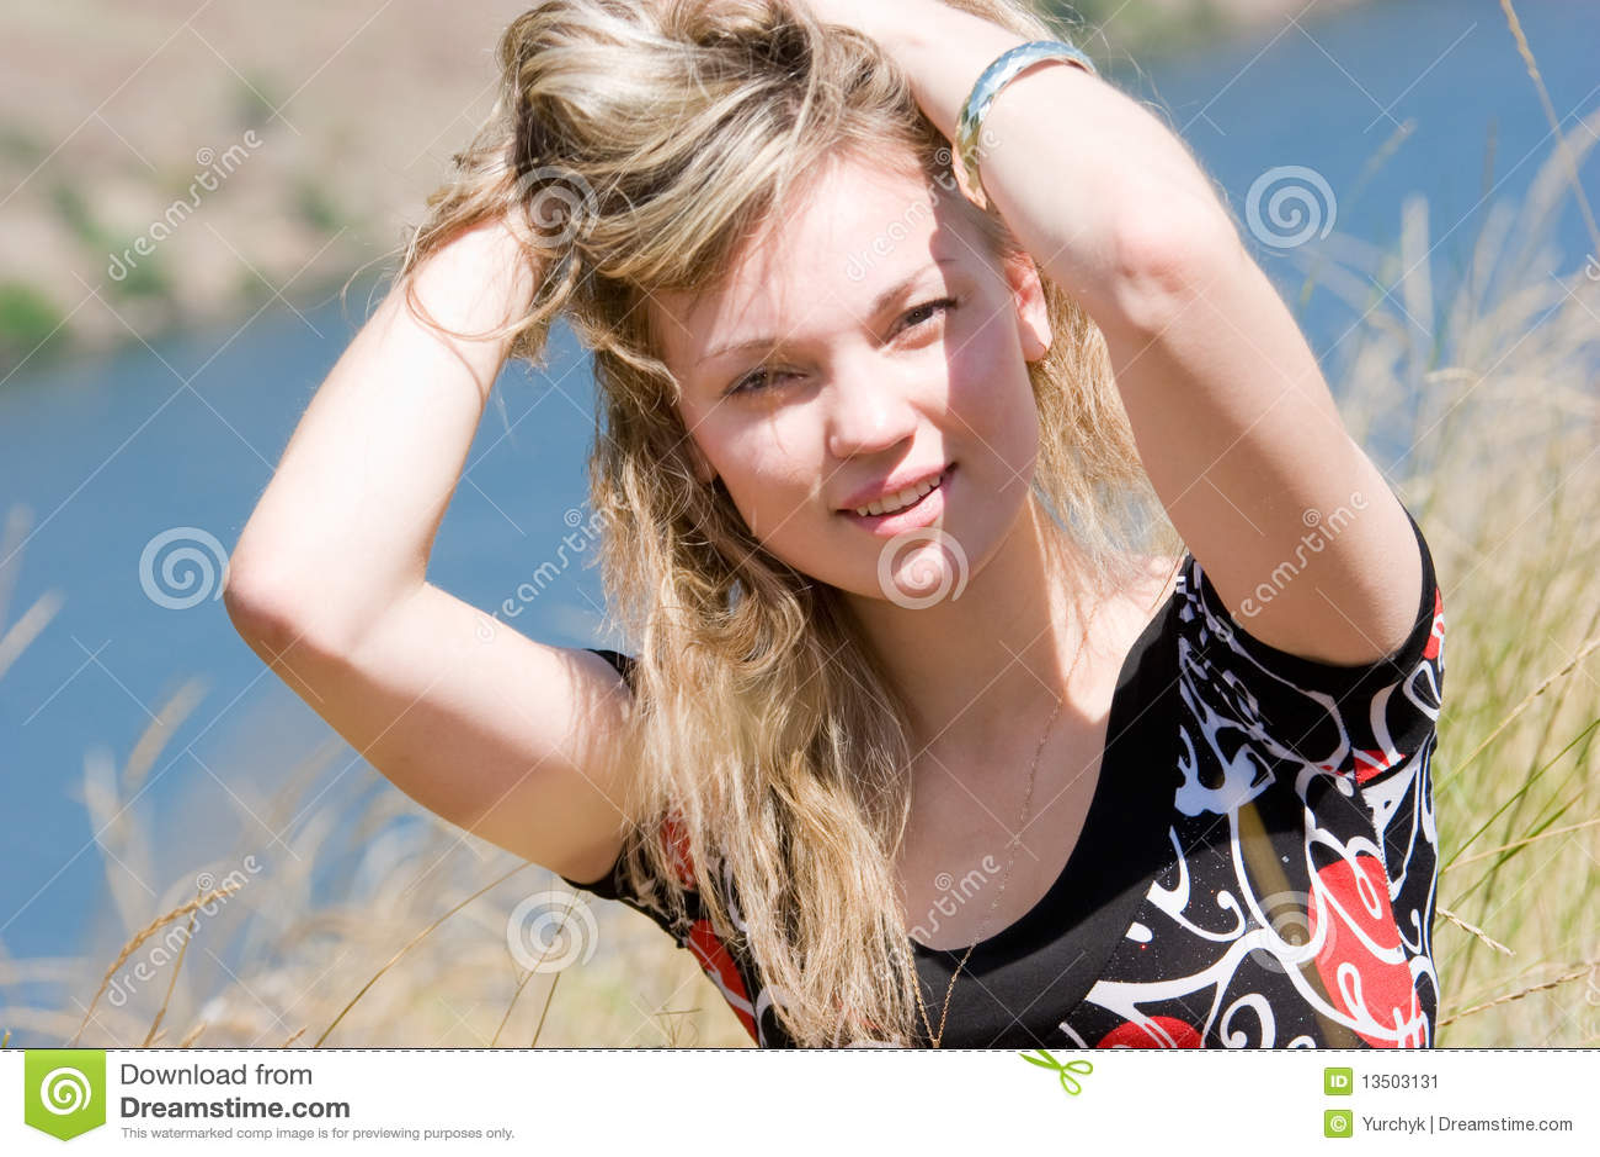 Im Freienportrait der jungen Frau